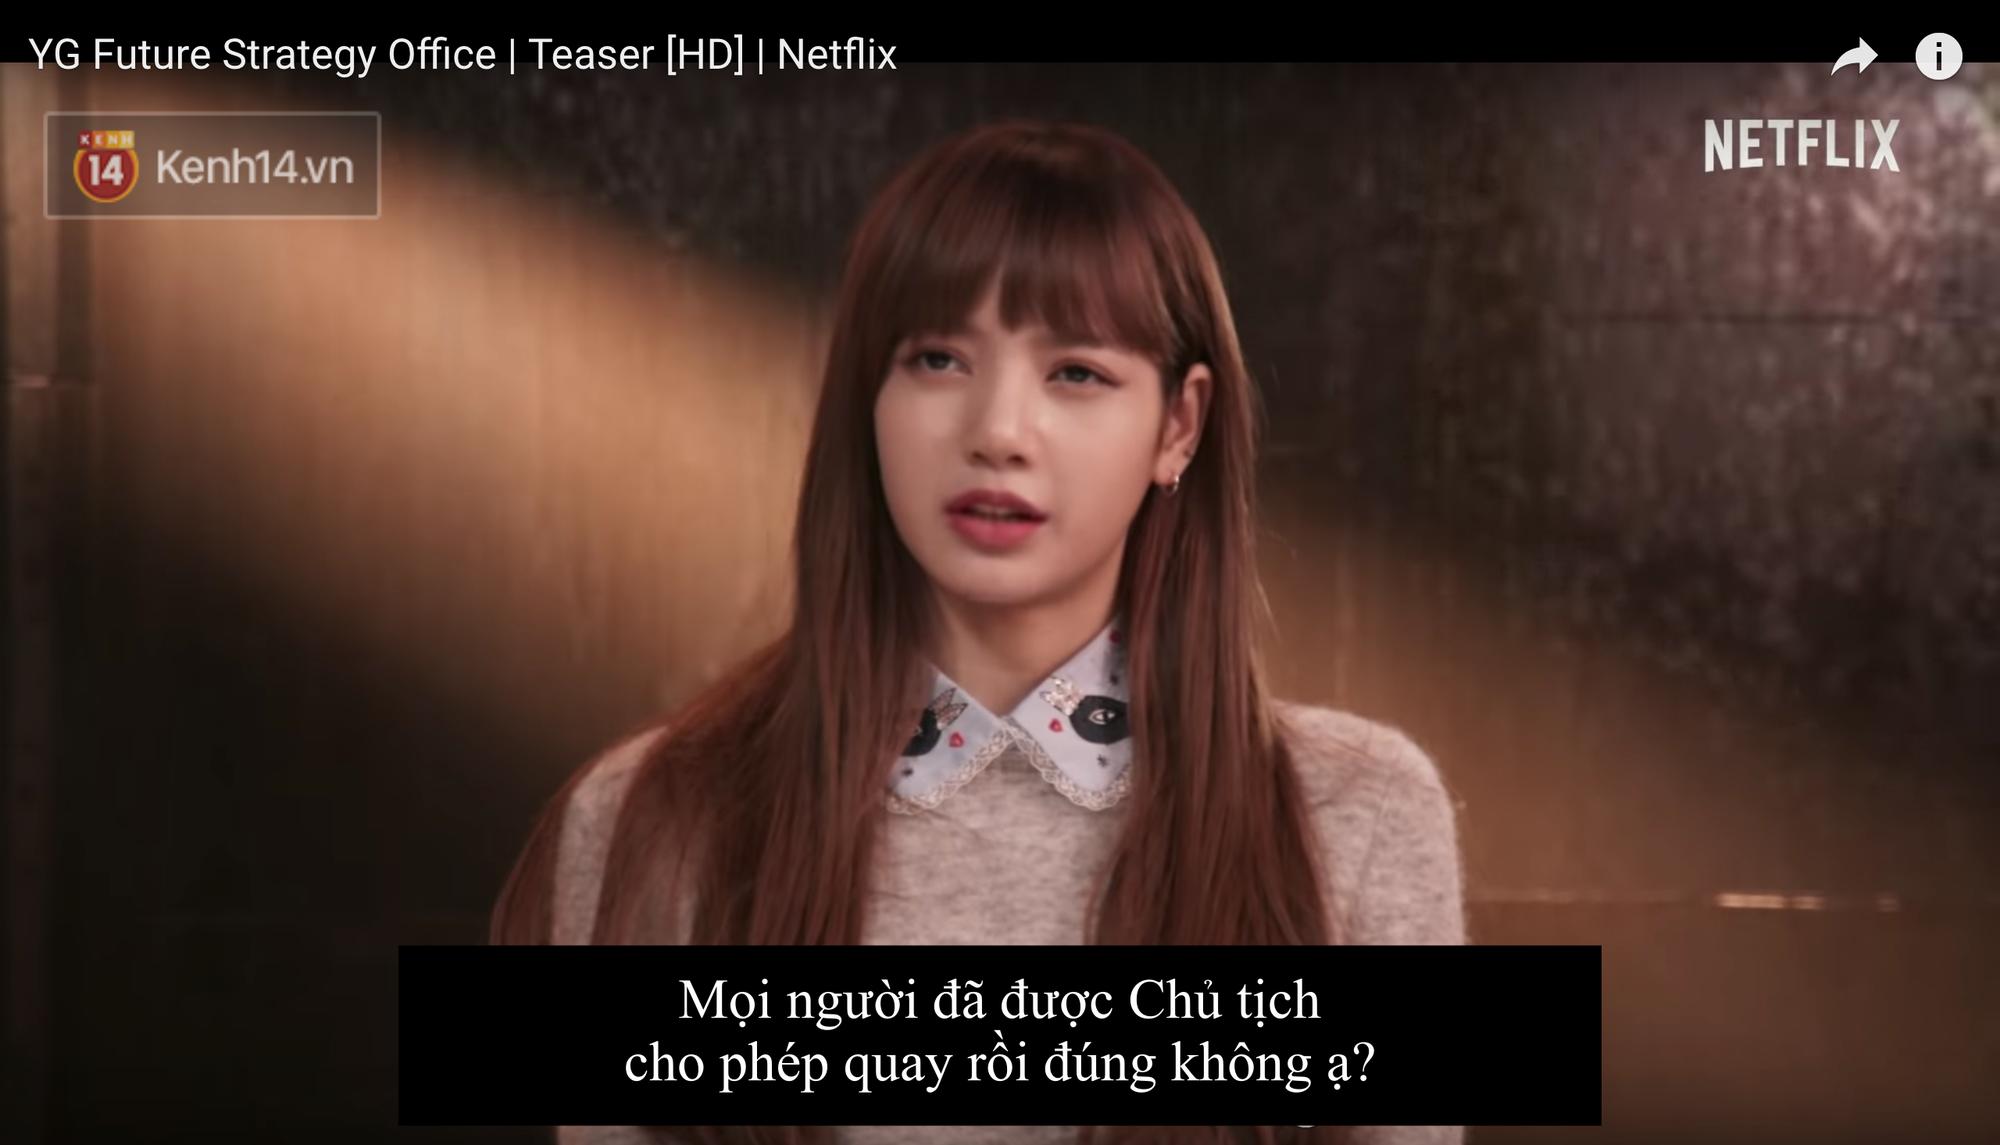 Phim vận vào đời là có thật, bộ sitcom về YG trên Netflix như diễn tả chính xác con người Seungri! - Ảnh 5.